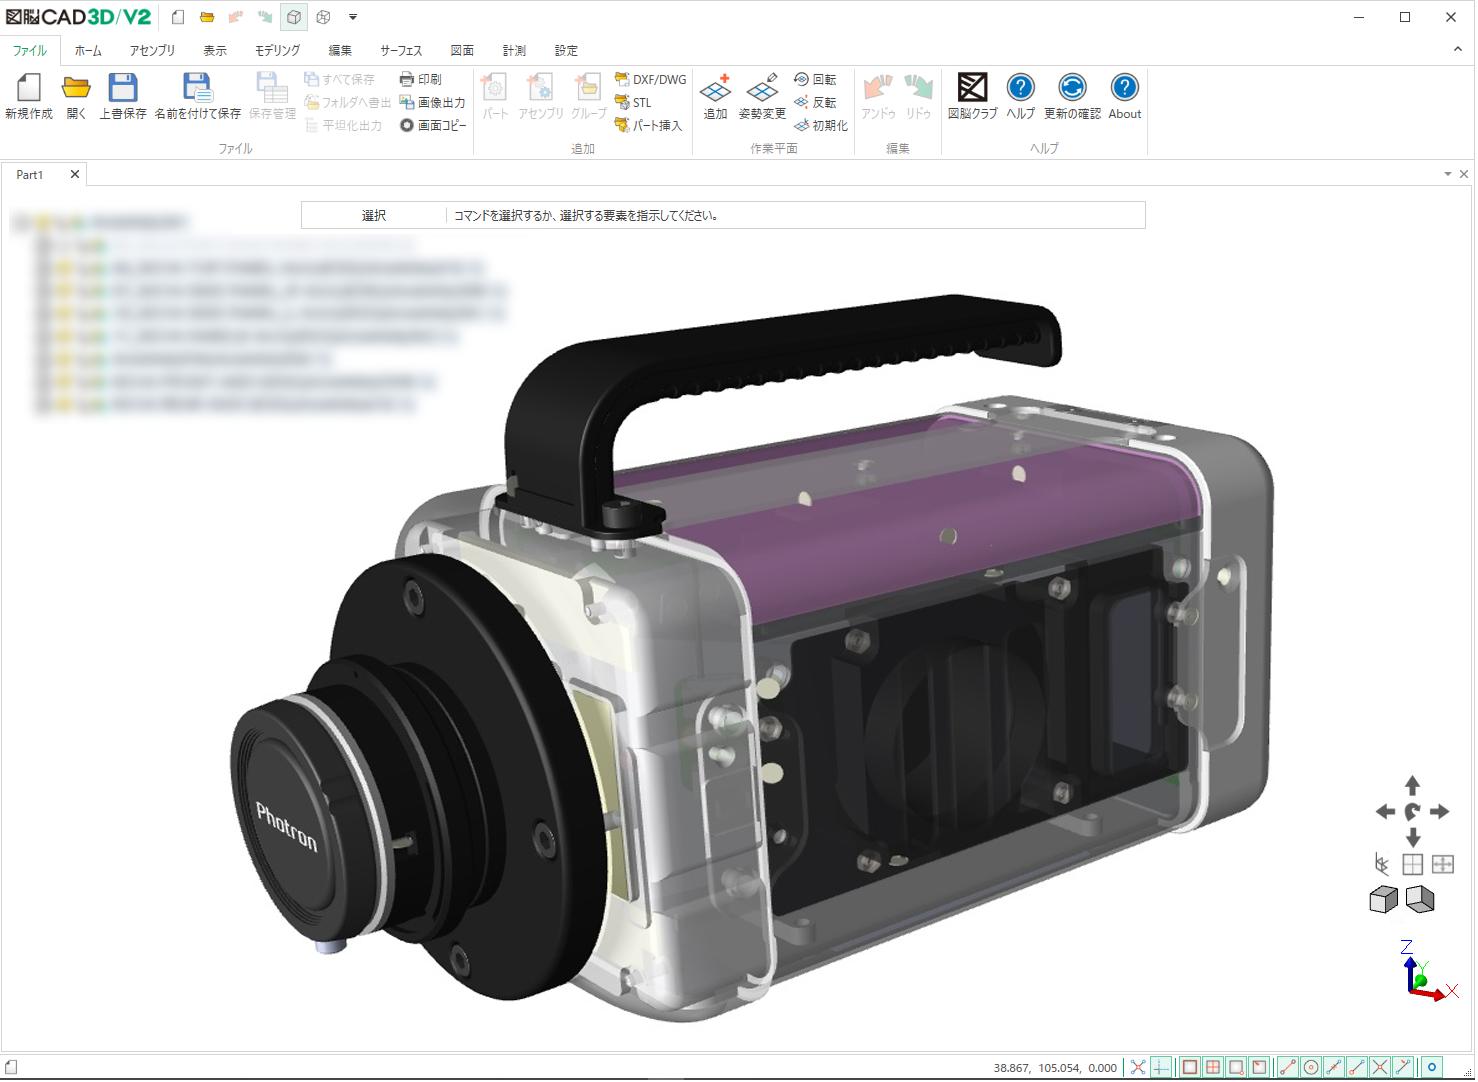 図脳CAD3D V2操作画面